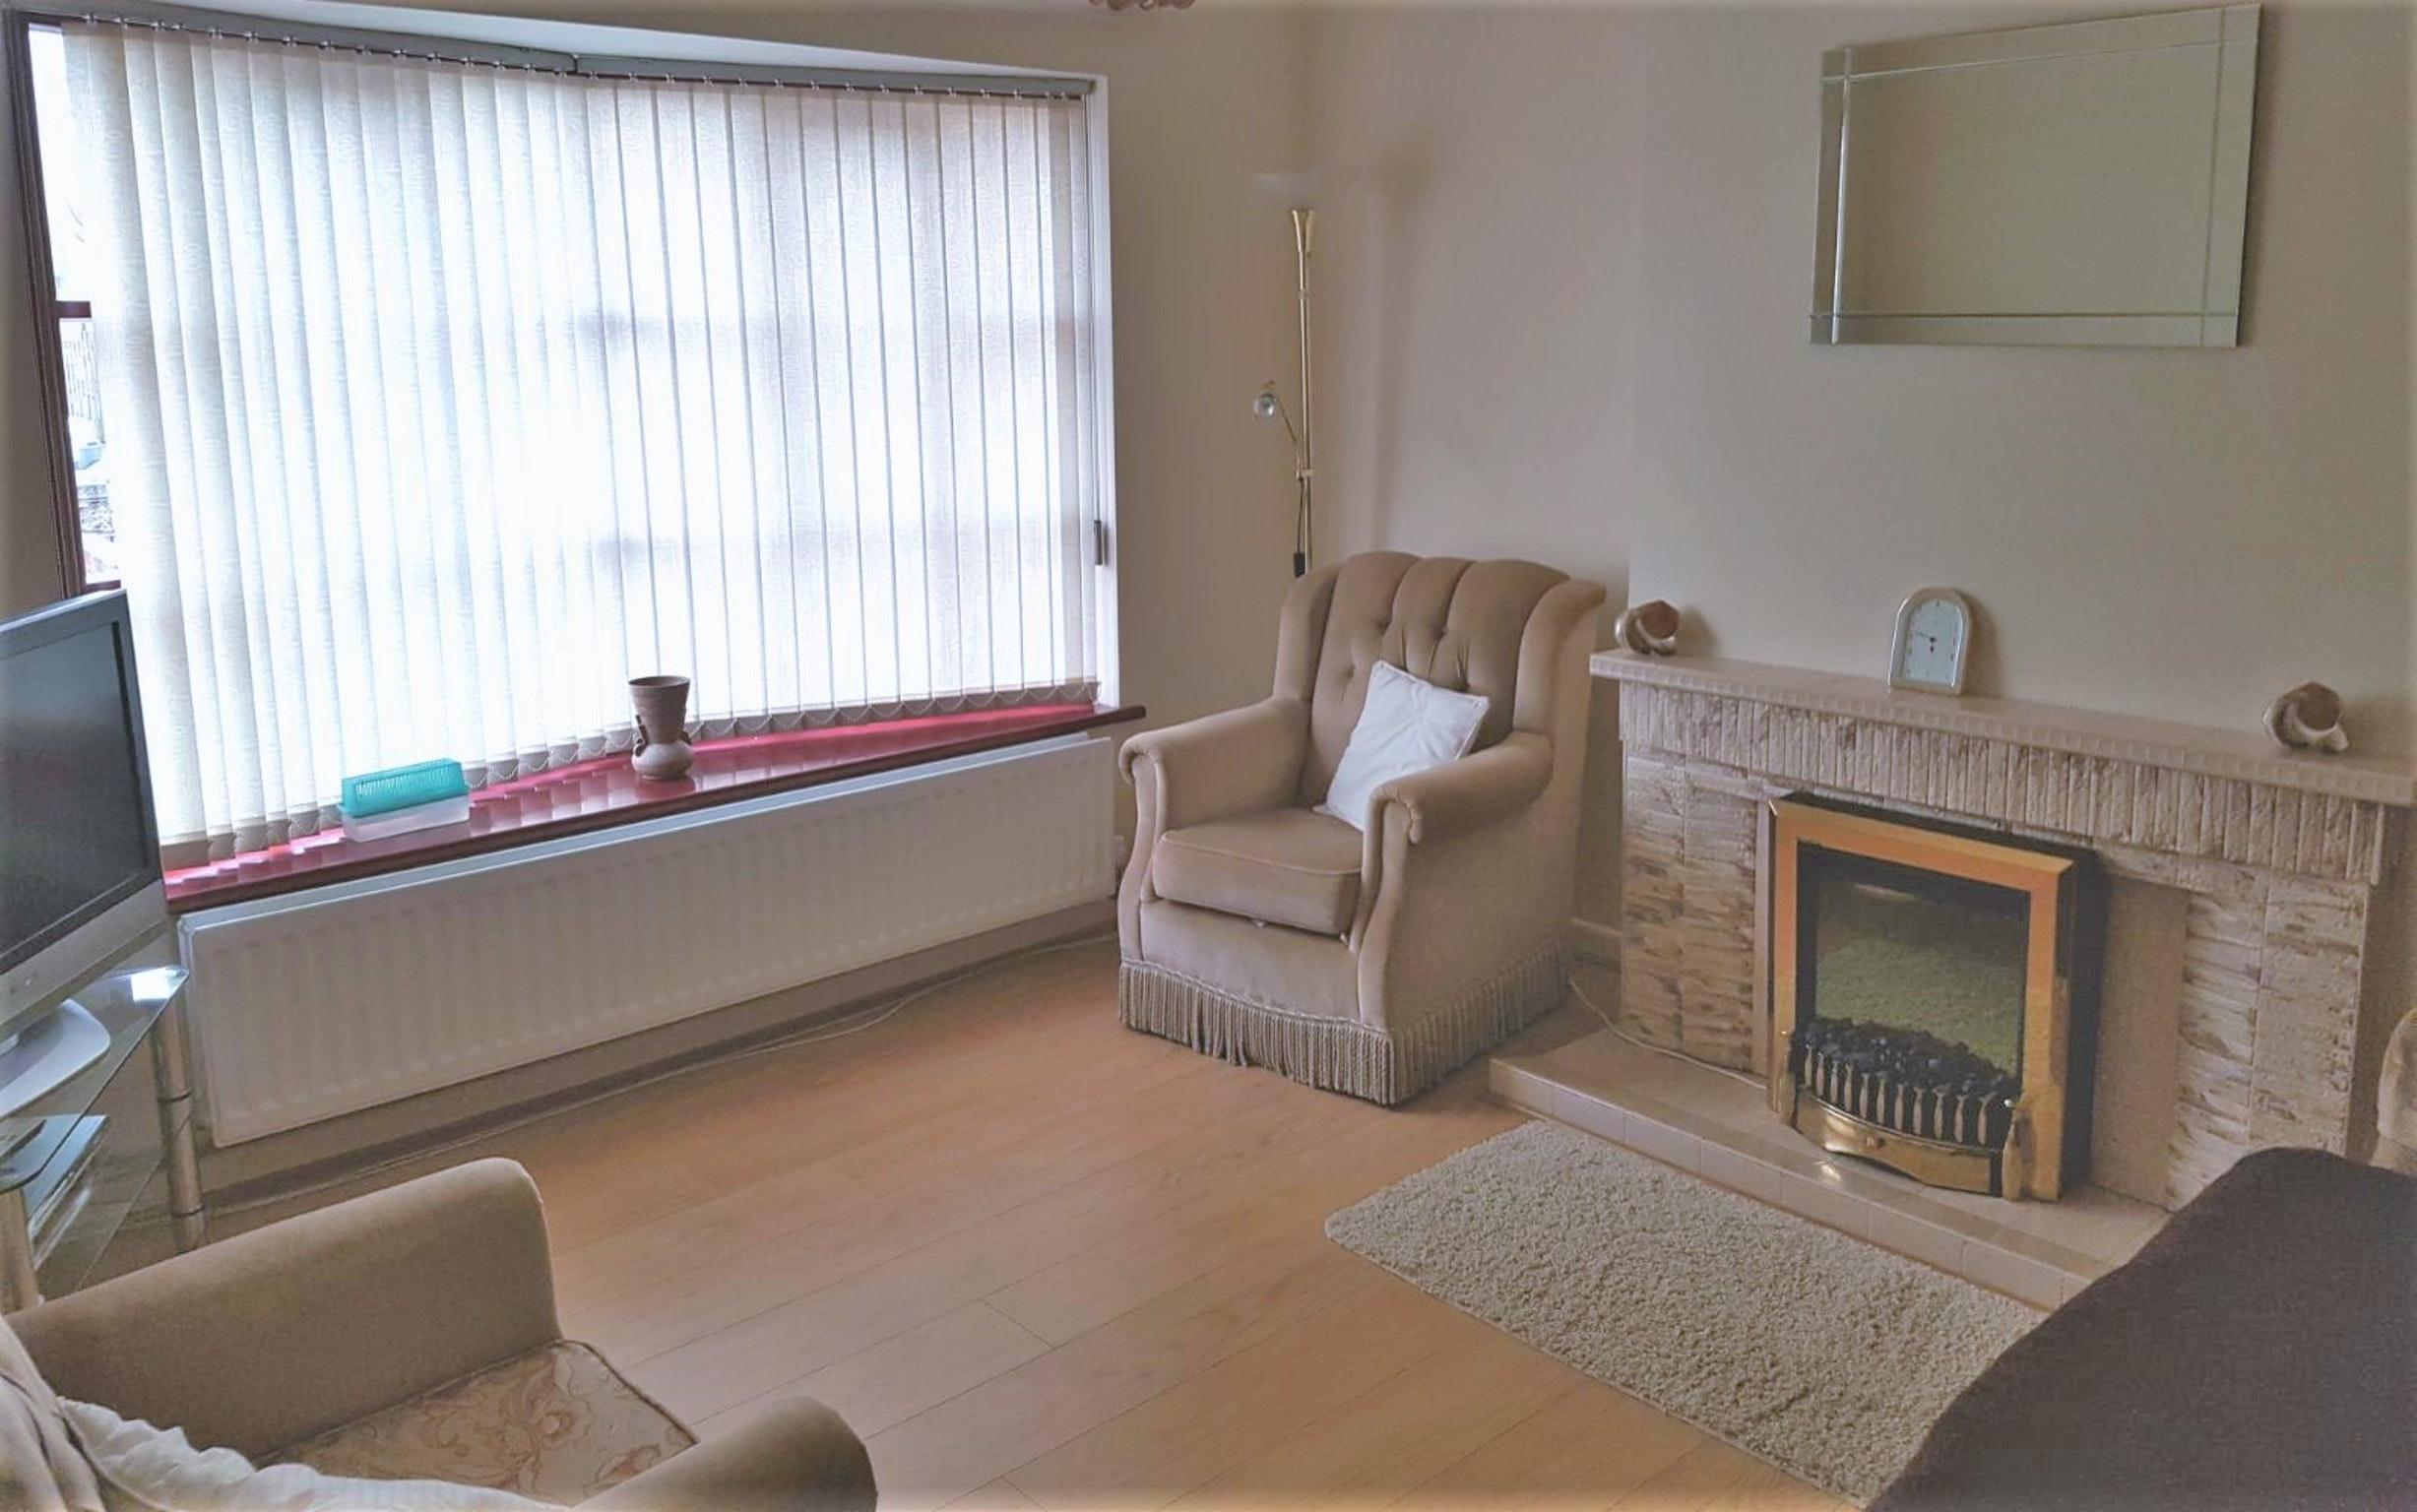 Ferienwohnung Elegante Wohnung im Seebad Bangor im County Down (Irland), in der Nähe vom Strand & Verkeh (2202194), Bangor (GB), , Nordirland, Grossbritannien, Bild 1